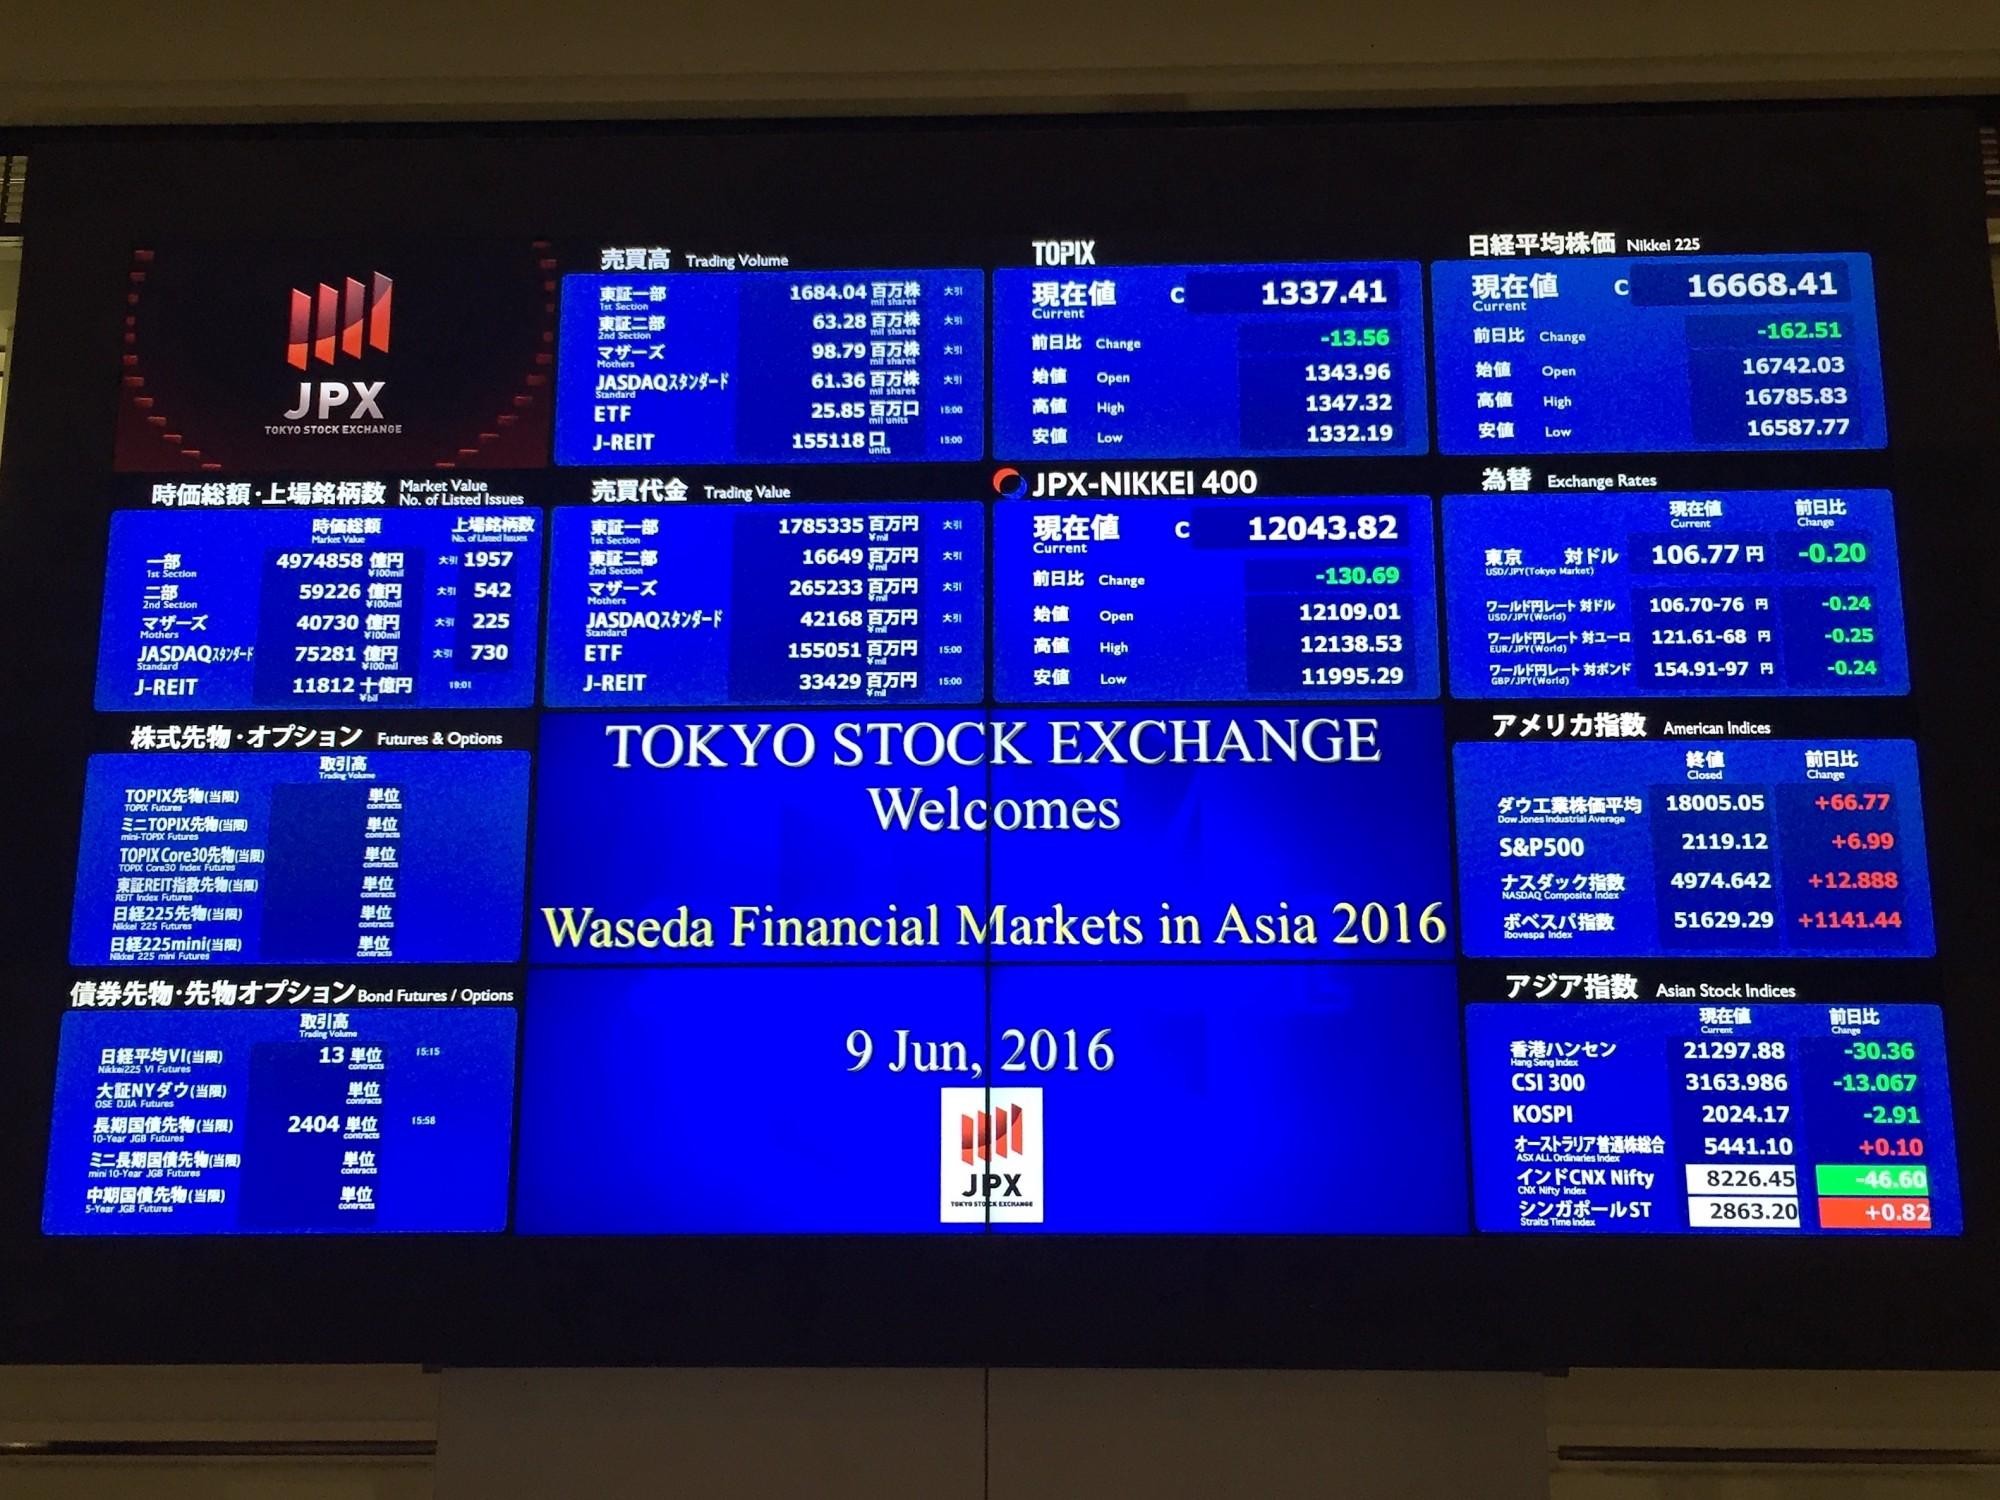 tky stock ex_1.jpg